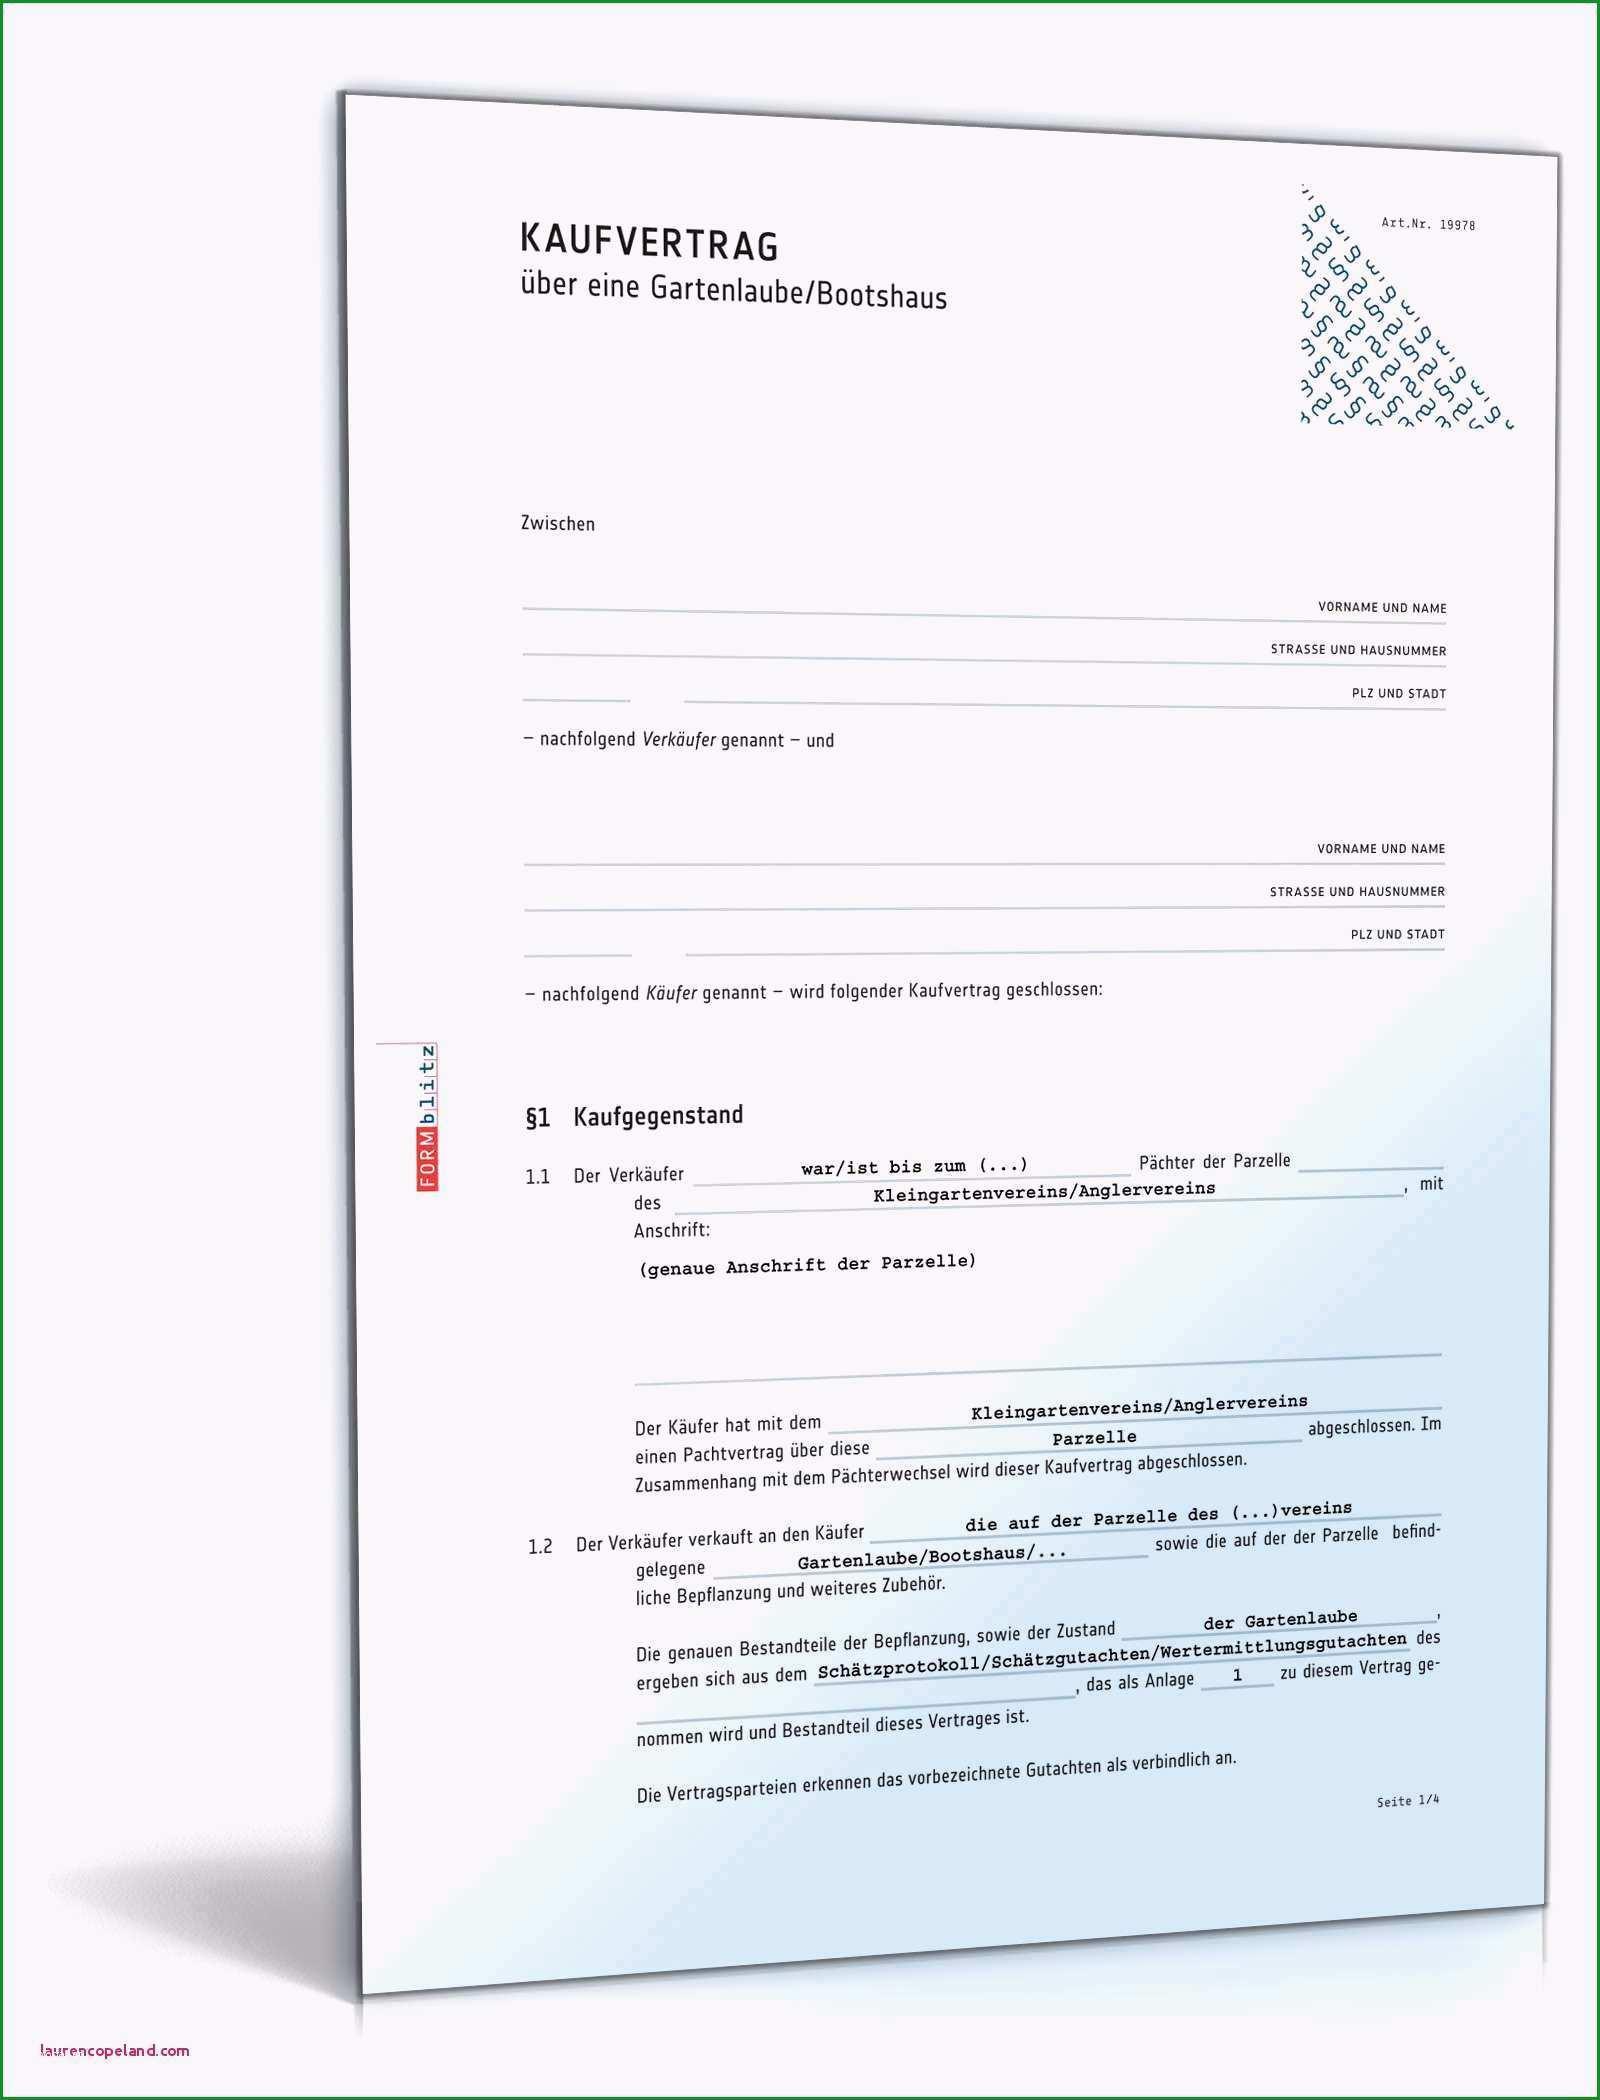 briefumschlag mit fenster beschriften vorlage 128 versand etiketten m druck warensendung od buechersendung